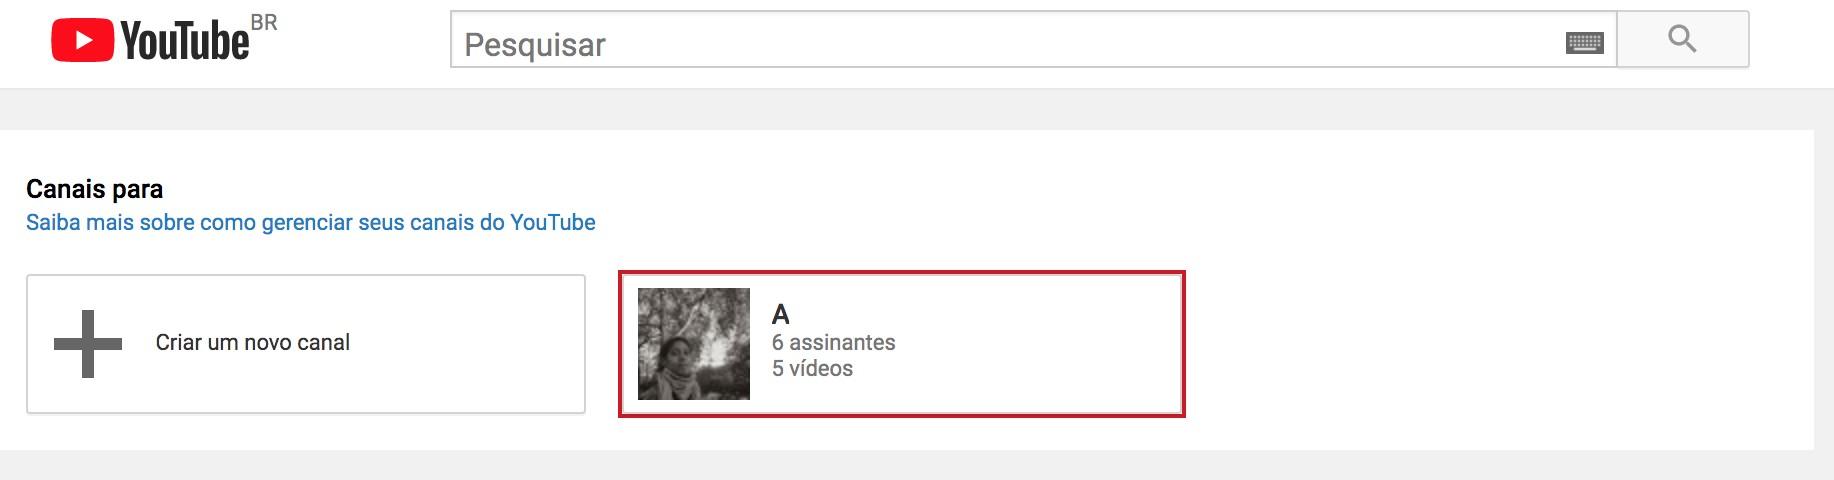 Canal no youtube: imagem da tela inicial para criar uma conta no Google